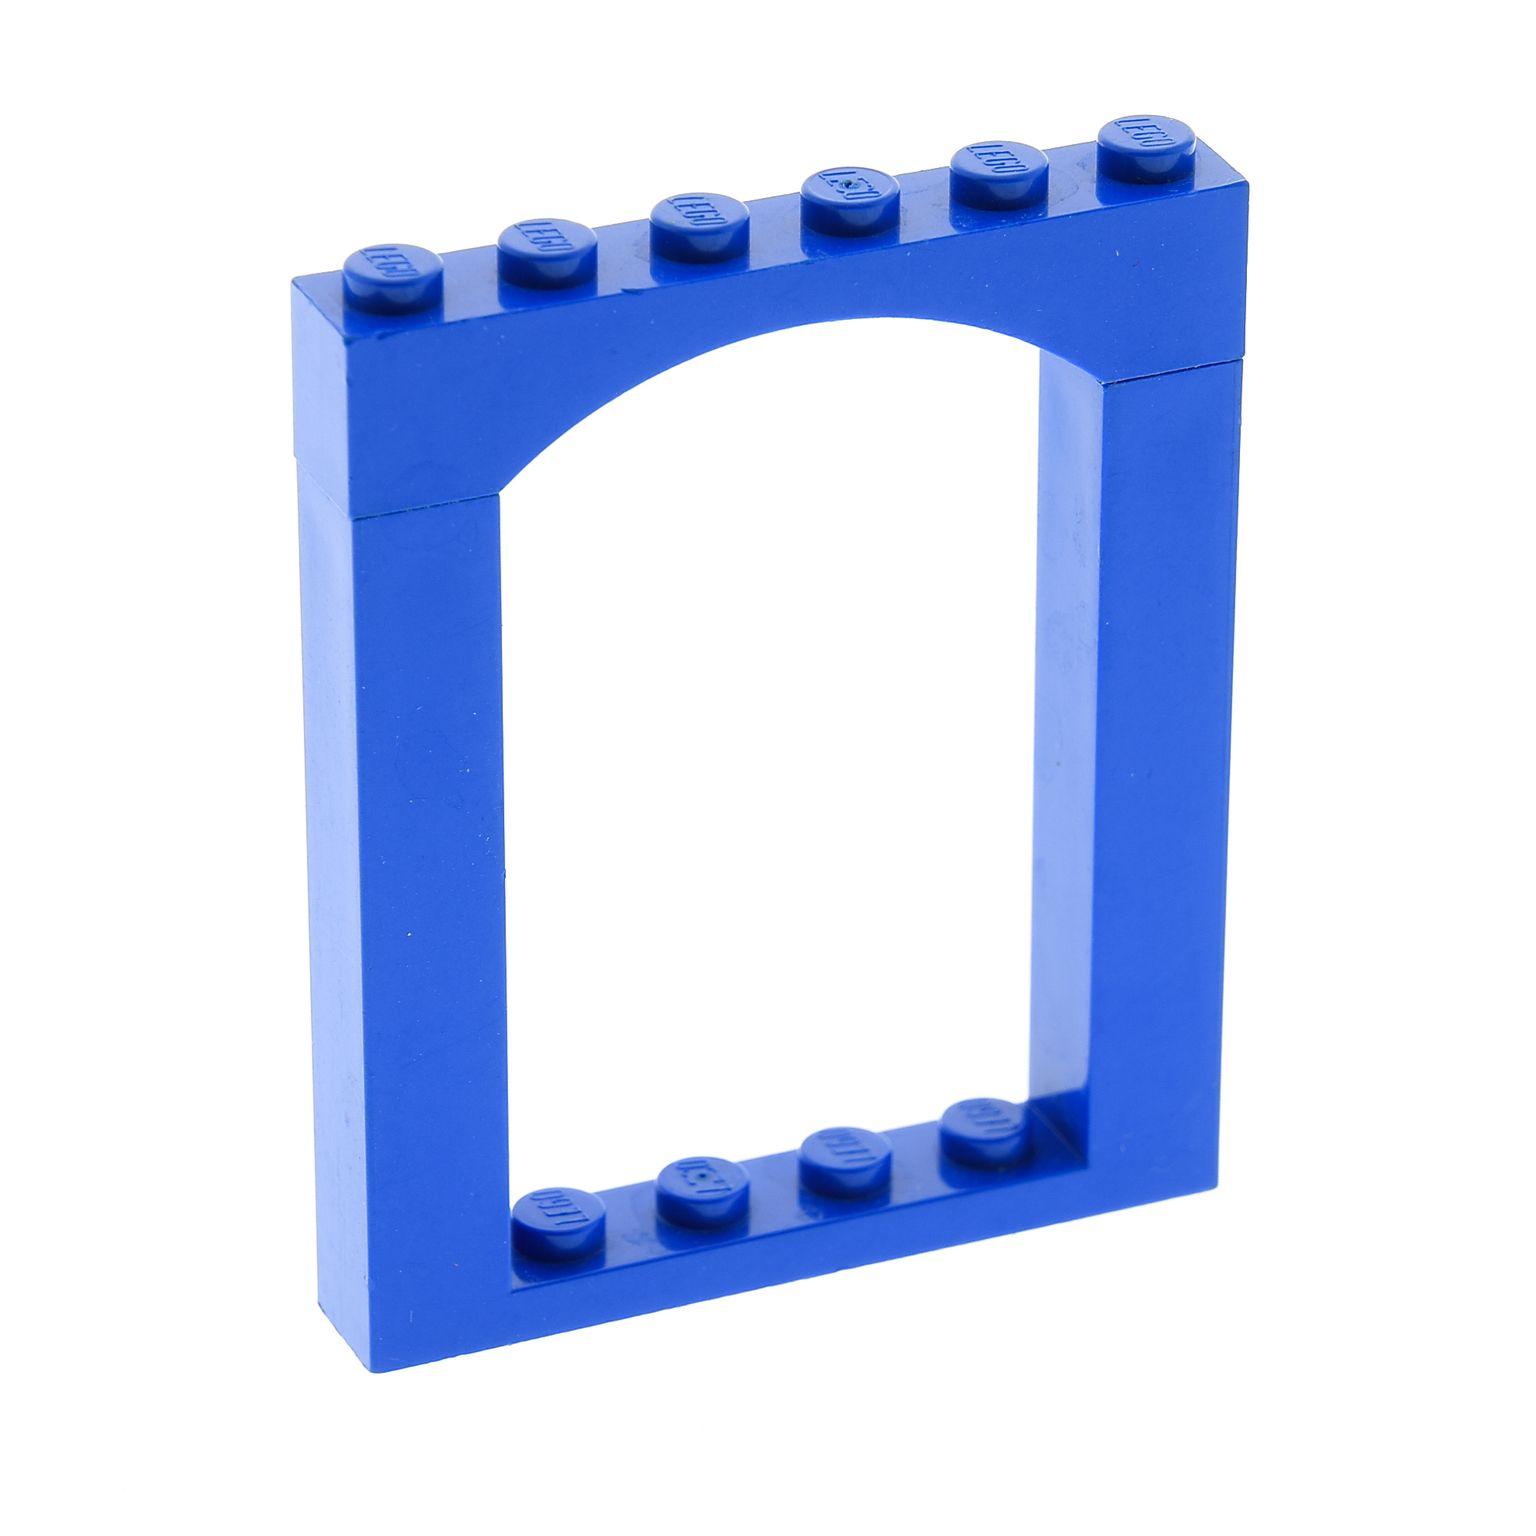 1 x Lego System Tor Bogenstein blau 1x6x6 Tür Bogen Fenster Rahmen Set 6464  30257